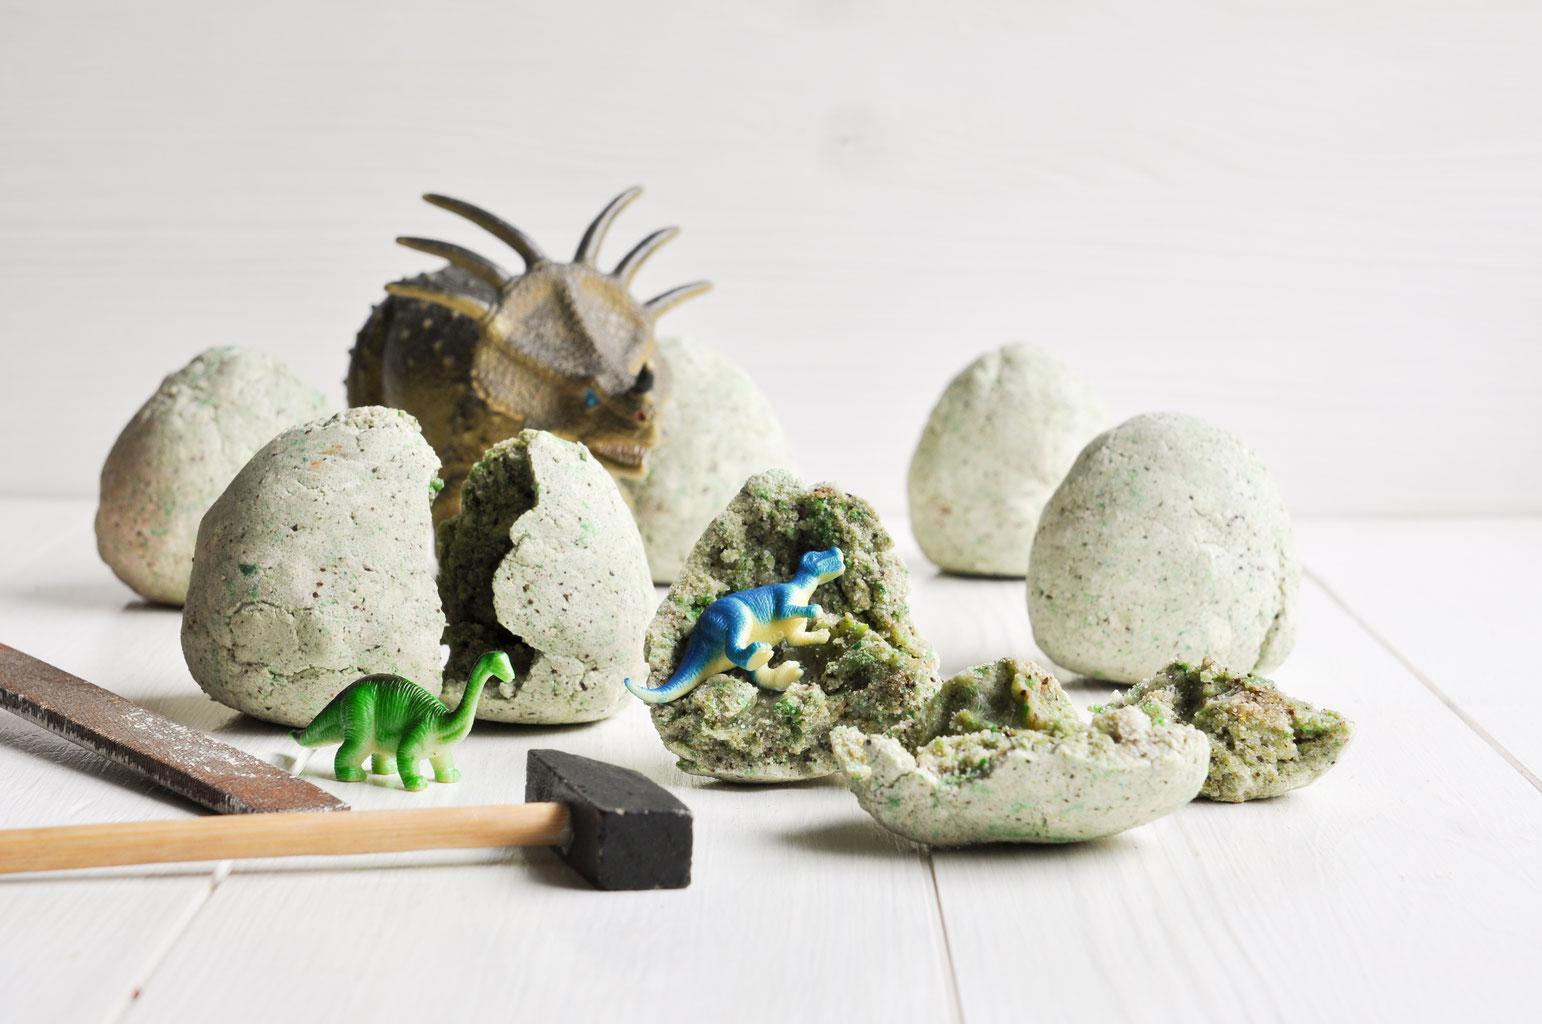 selbst gemachte dino eier zum ausgraben essen kosmetik putzmittel etc aus dem thermomix. Black Bedroom Furniture Sets. Home Design Ideas